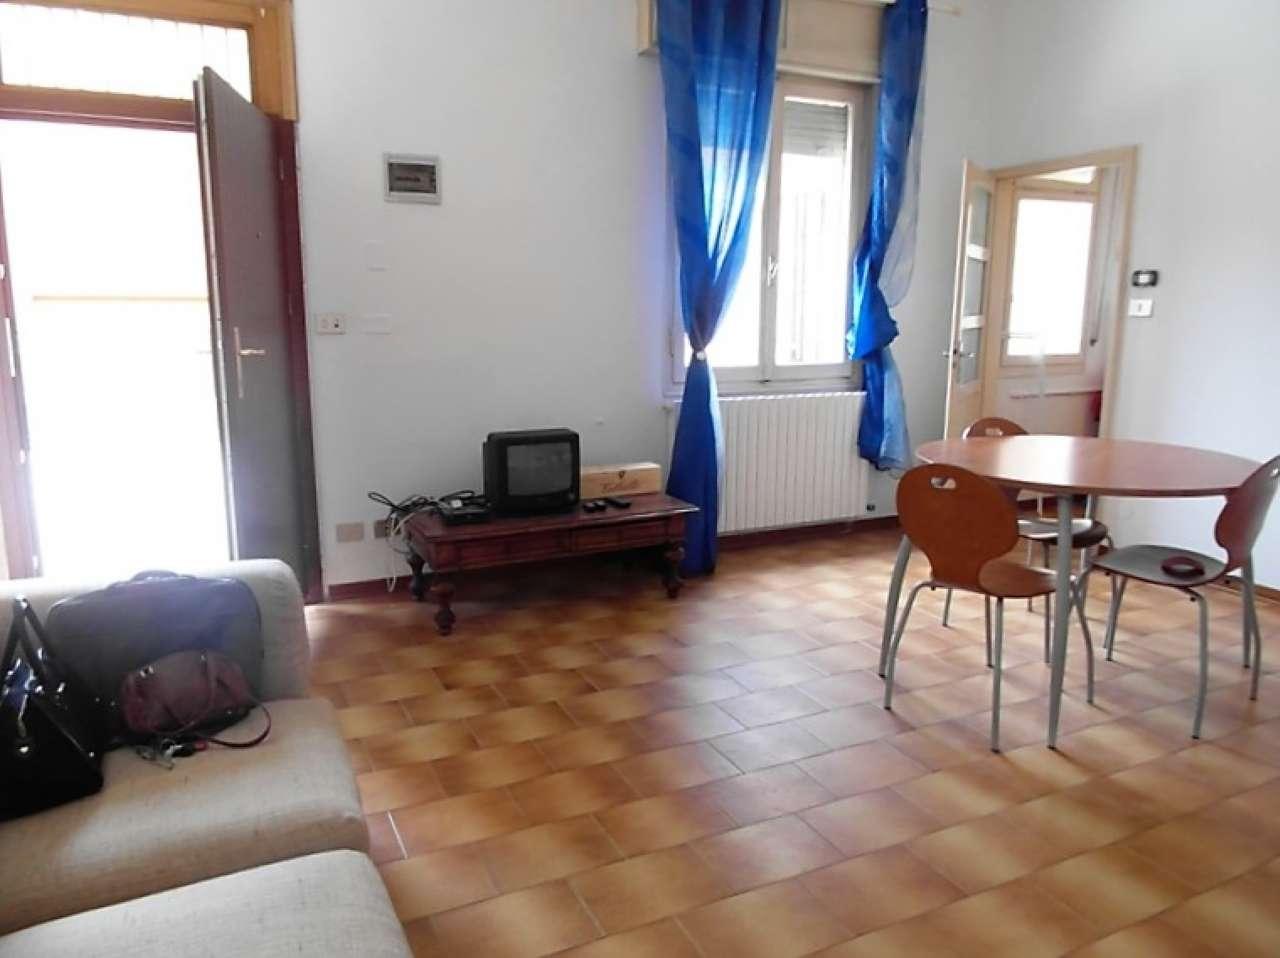 Appartamento in affitto a Castelfranco Emilia, 2 locali, prezzo € 400 | CambioCasa.it